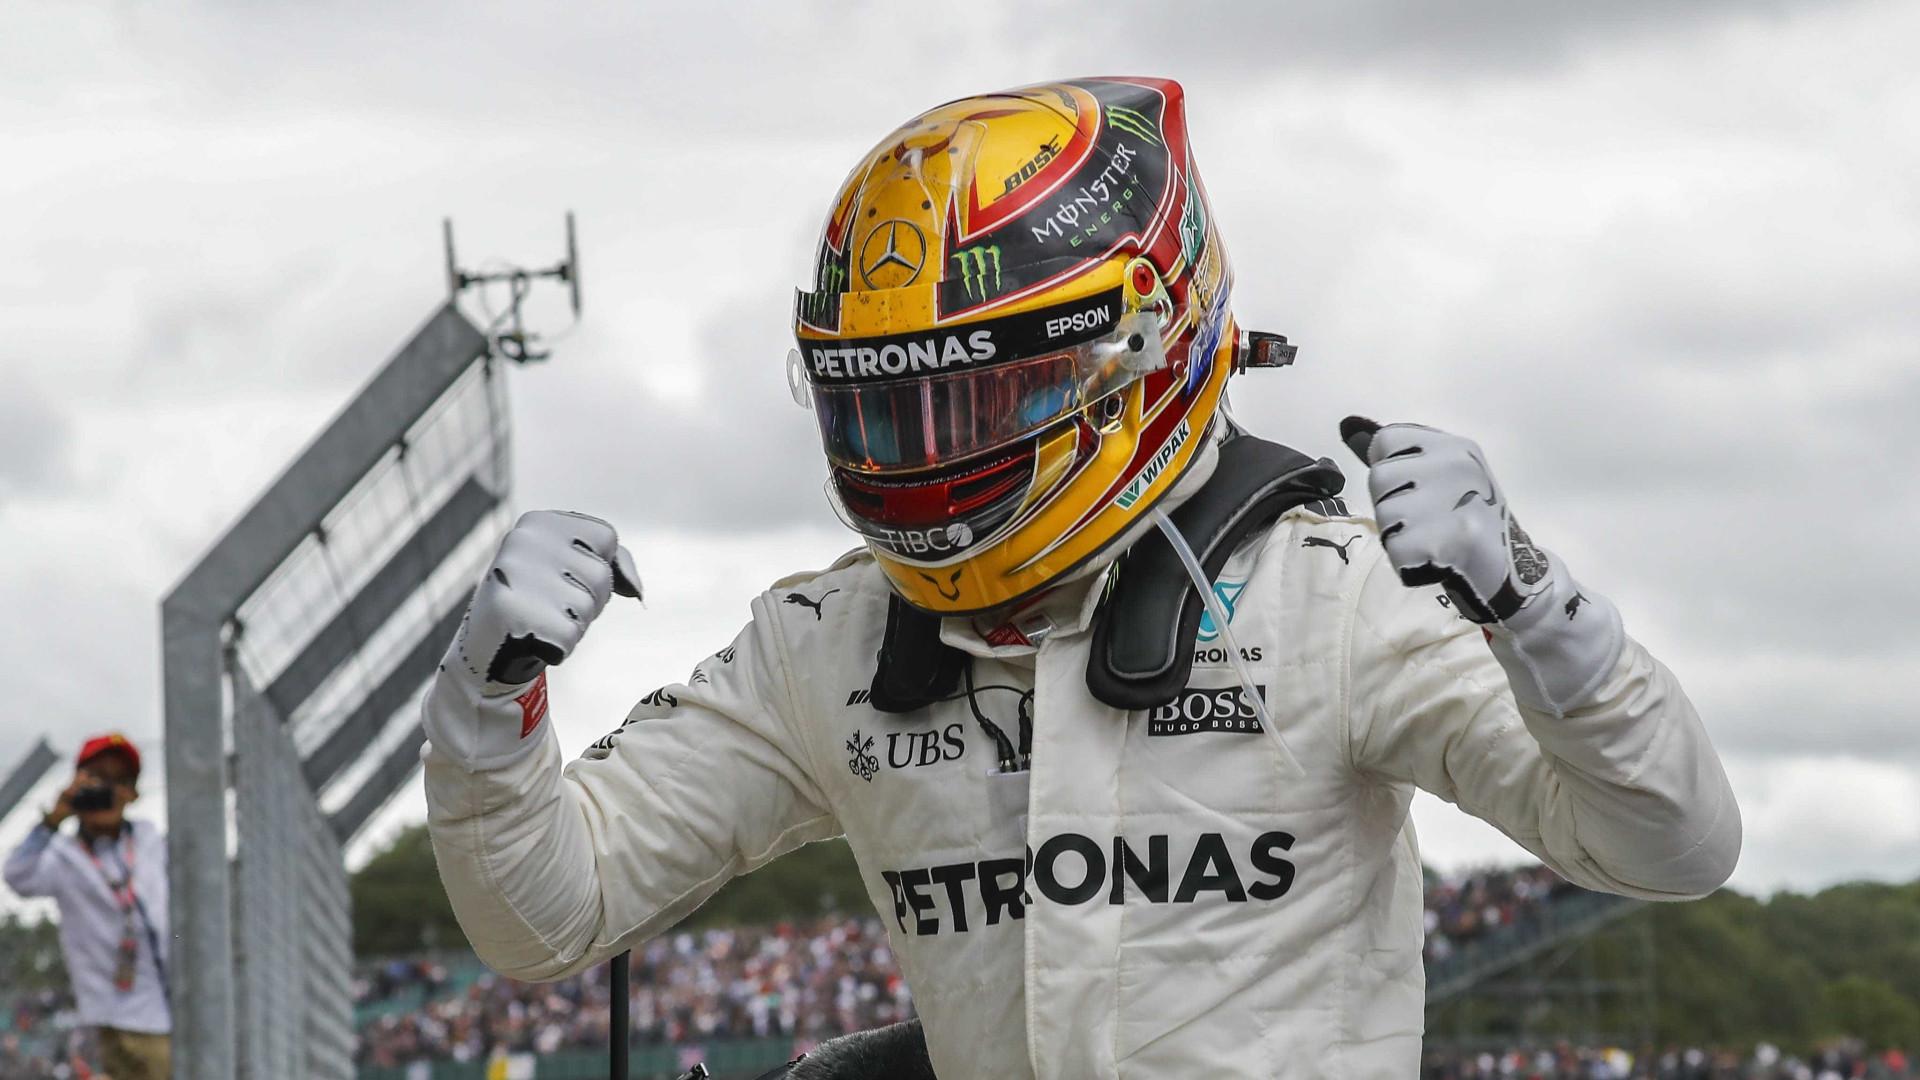 Hamilton vence GP da Grã-Bretanha e fica a um ponto da liderança